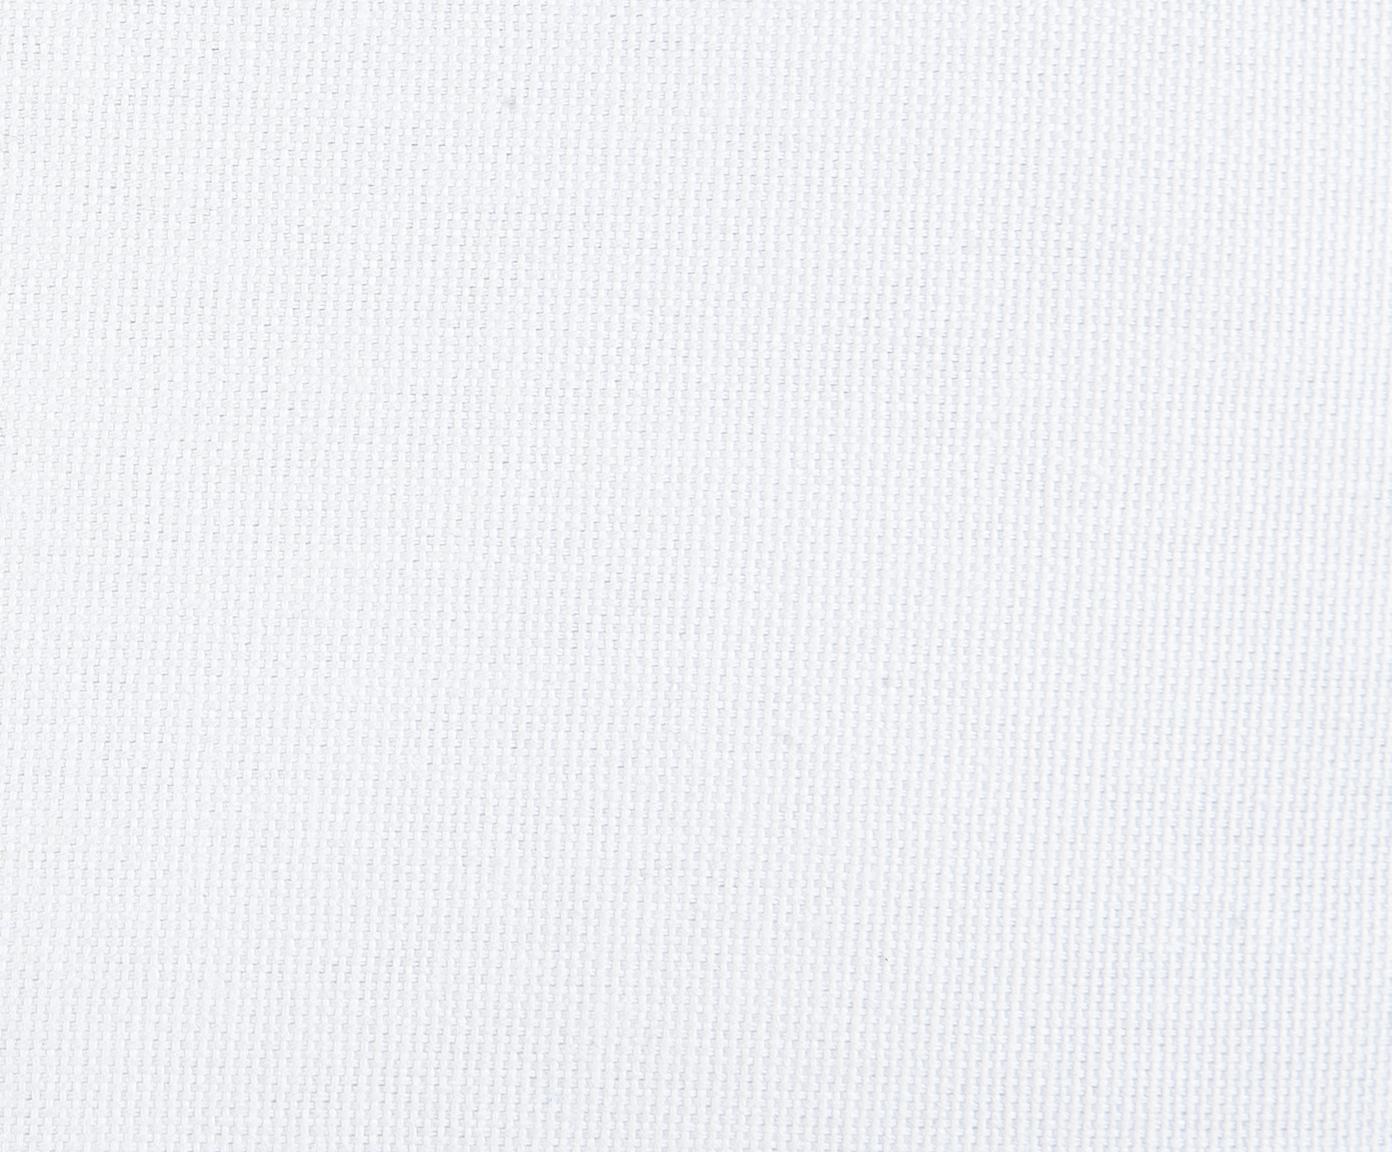 Gepunktete Kissenhülle Riley in Senfgelb/Weiss, 100% Baumwolle, Gelb-Orange, Weiss, 40 x 40 cm